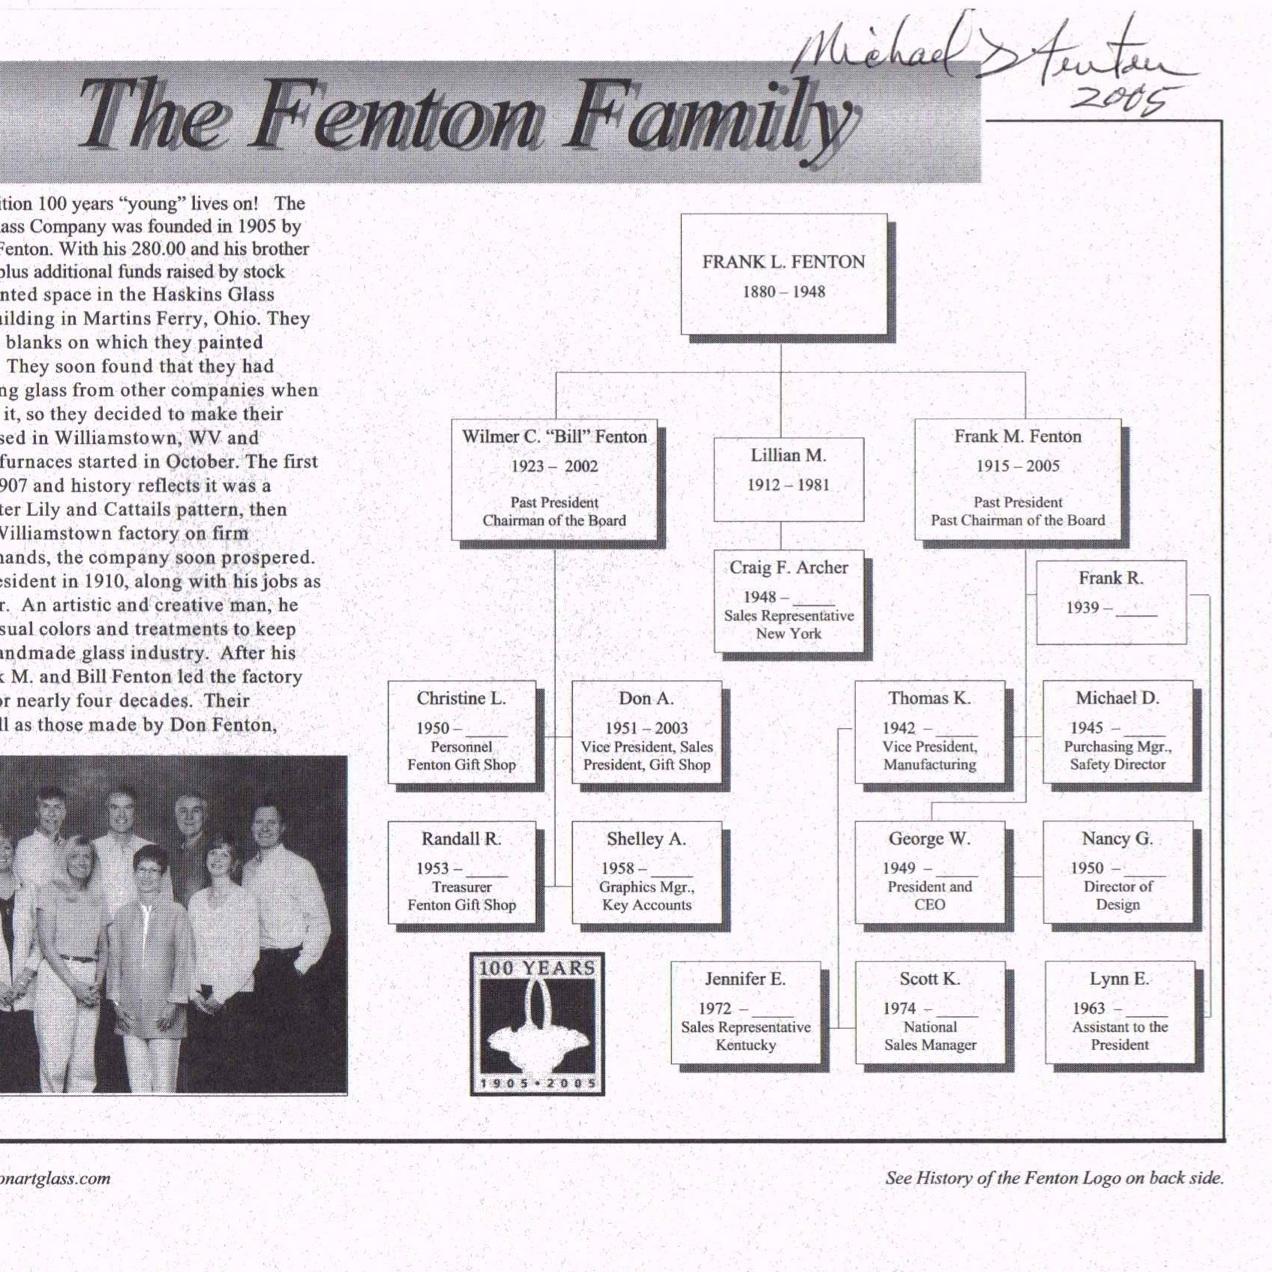 2005 Fenton Family & Logos